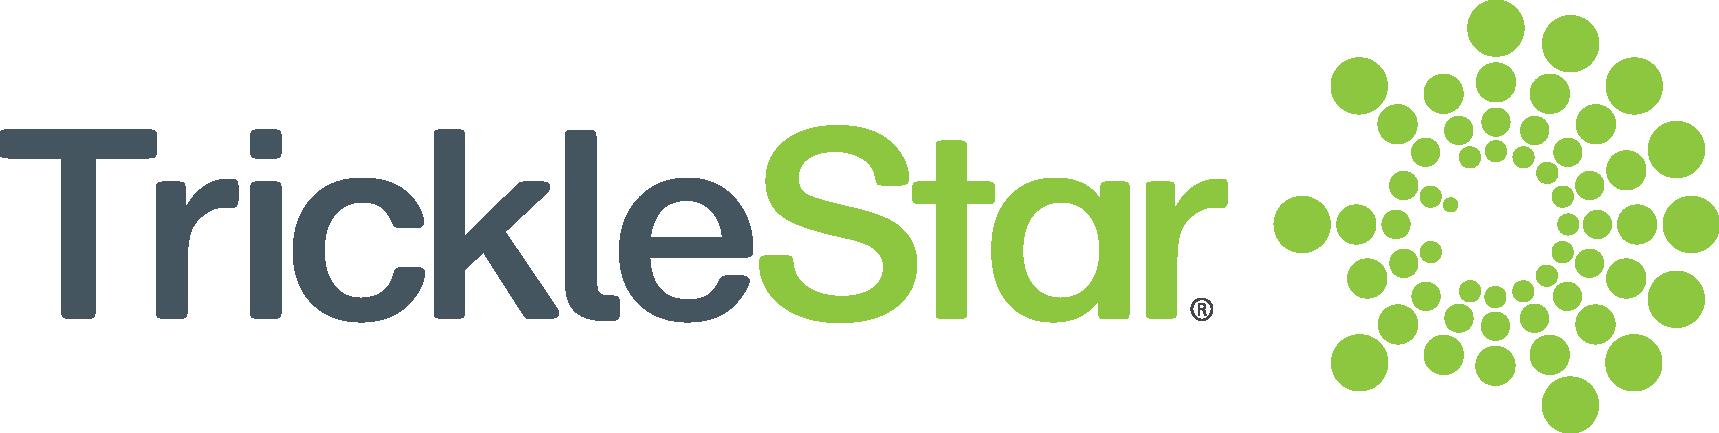 tricklestar-logo.png